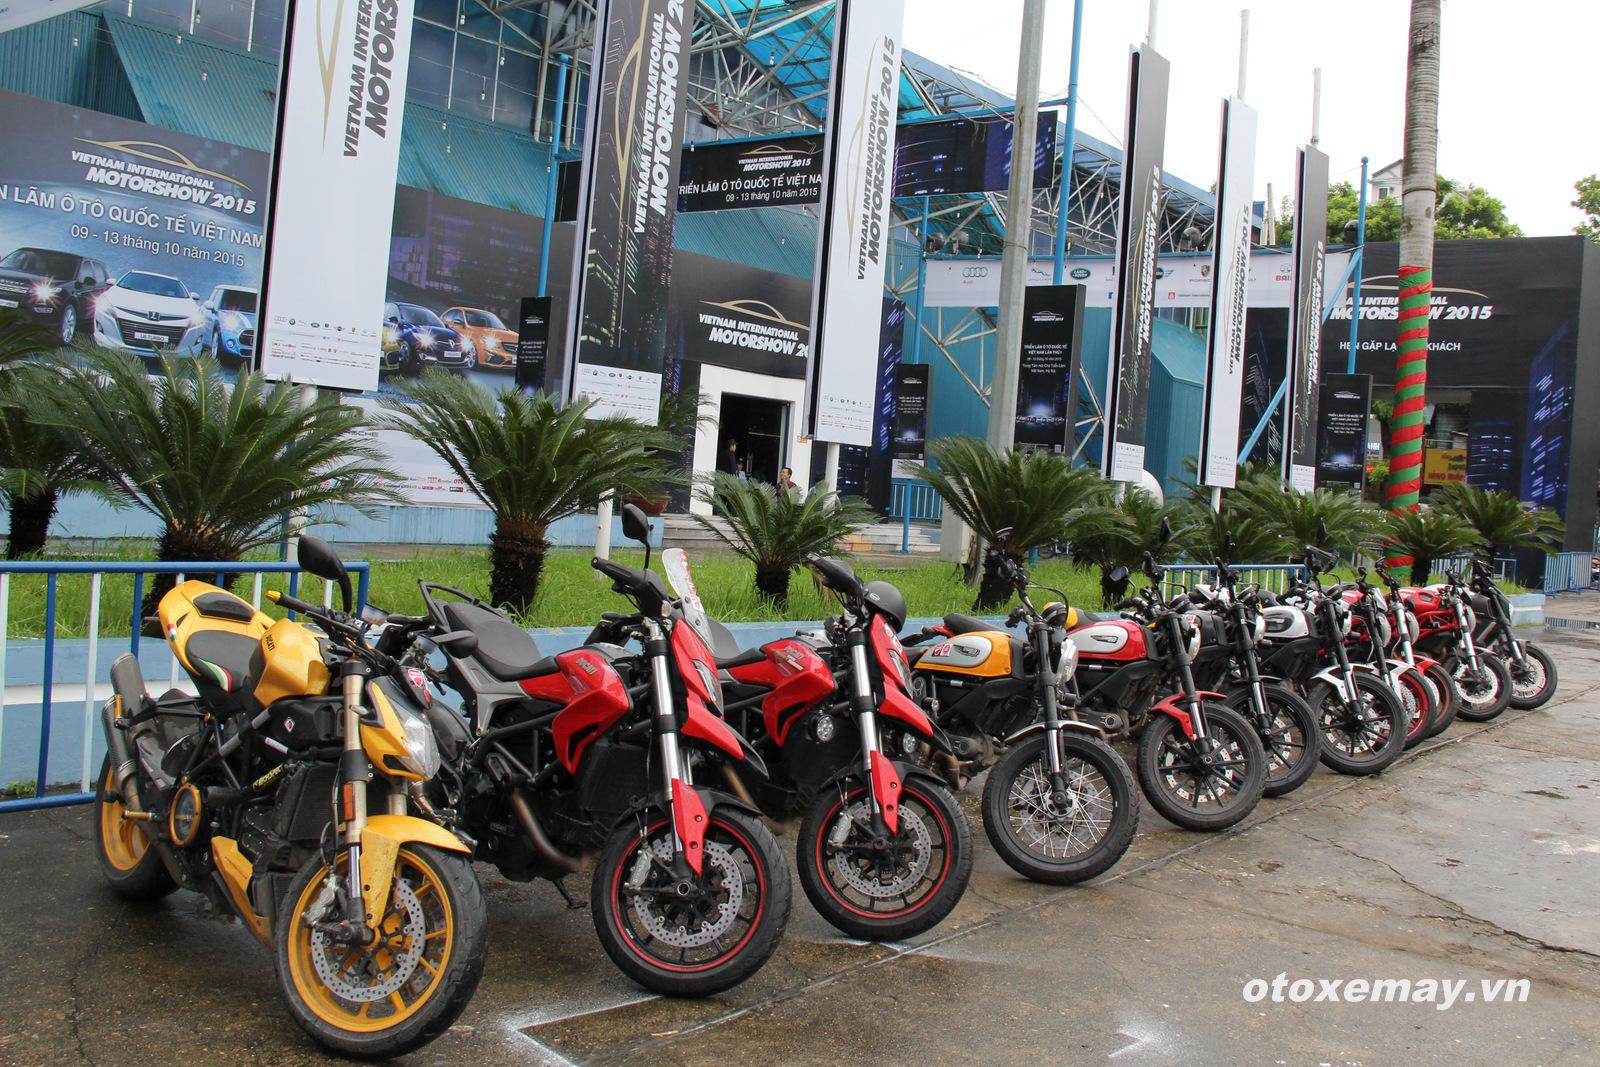 DOC Mien Bac chinh thuc nhap hoi Ducatisti the gioi - 2